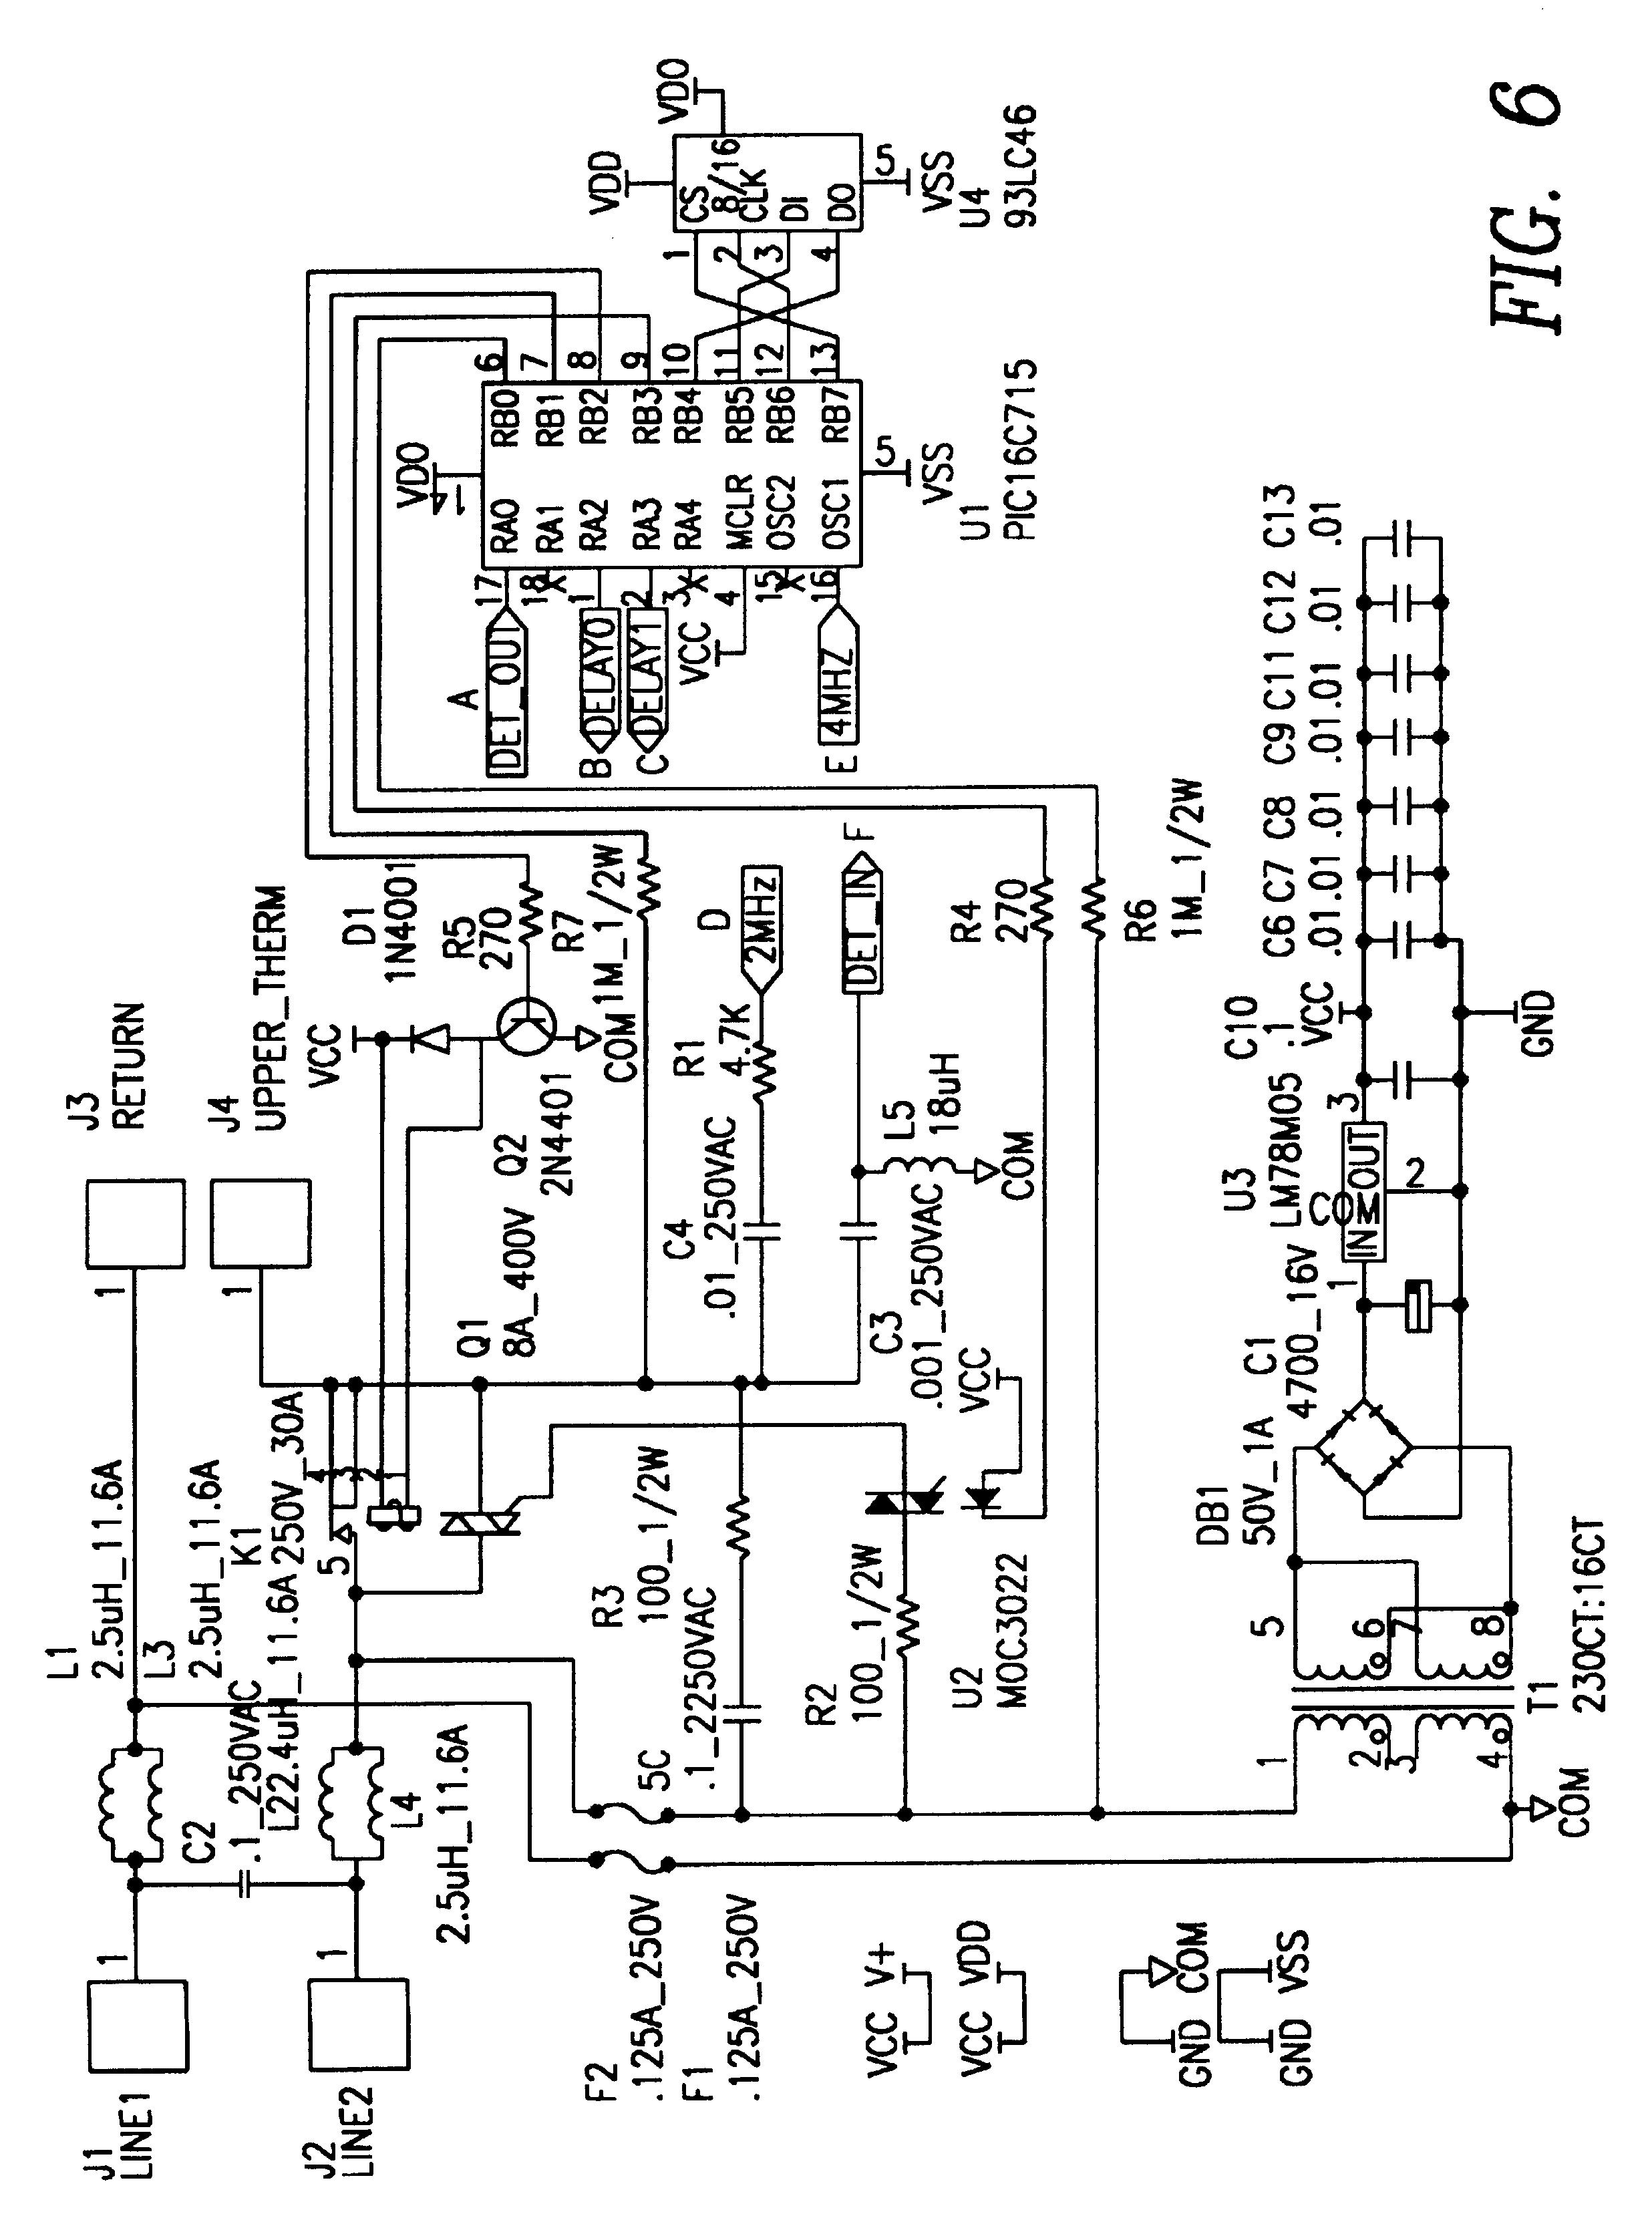 C10 Power Ke Booster Diagram